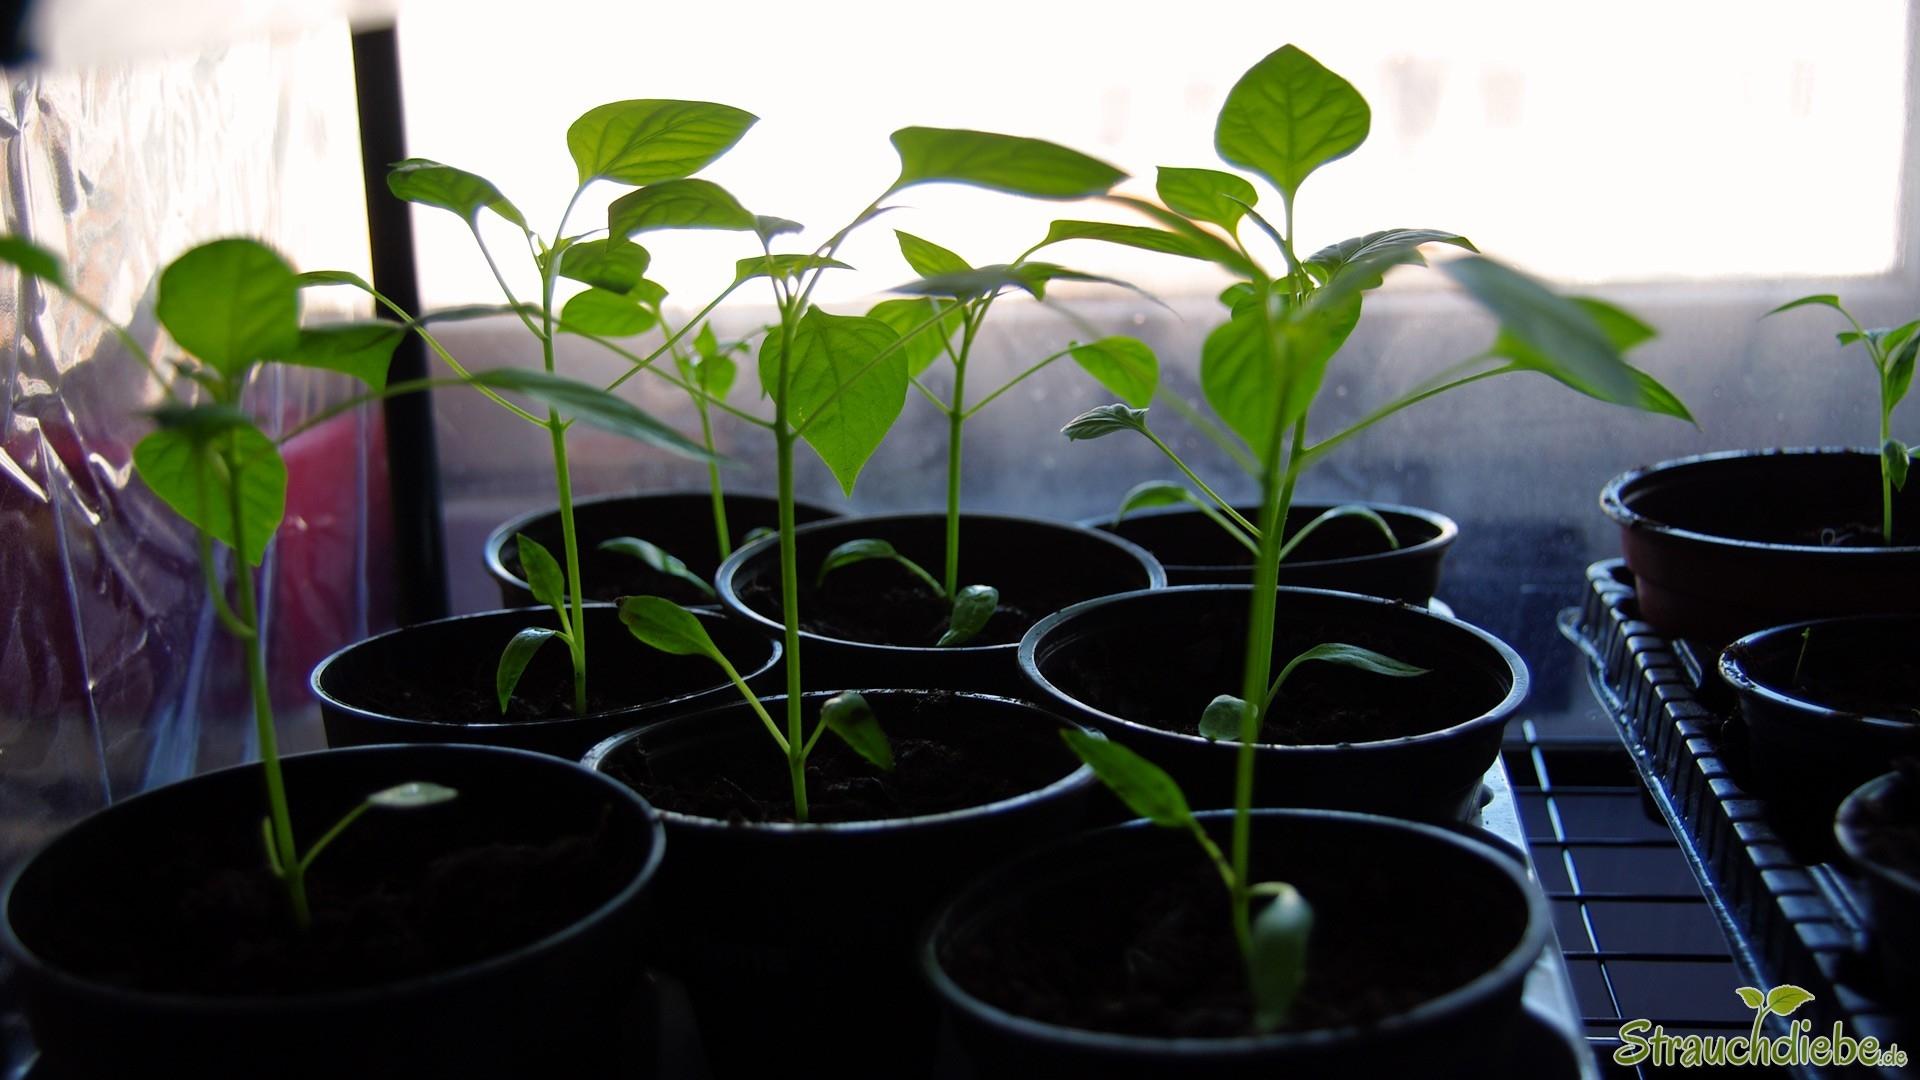 Paprika (Capsicum)